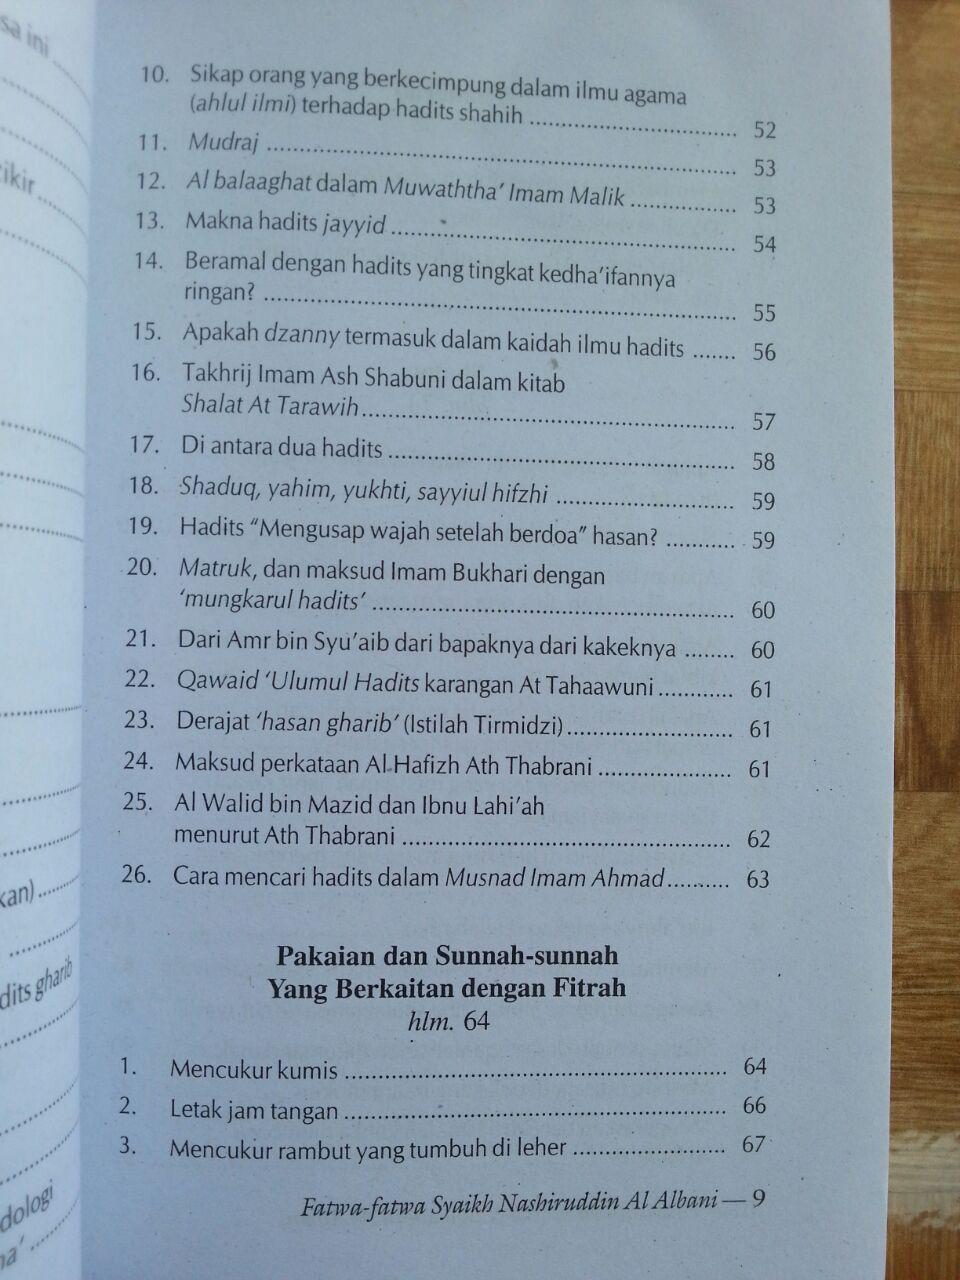 Fatwa-fatwa Syaikh Muhammad Nashiruddin al-Albani isi 2